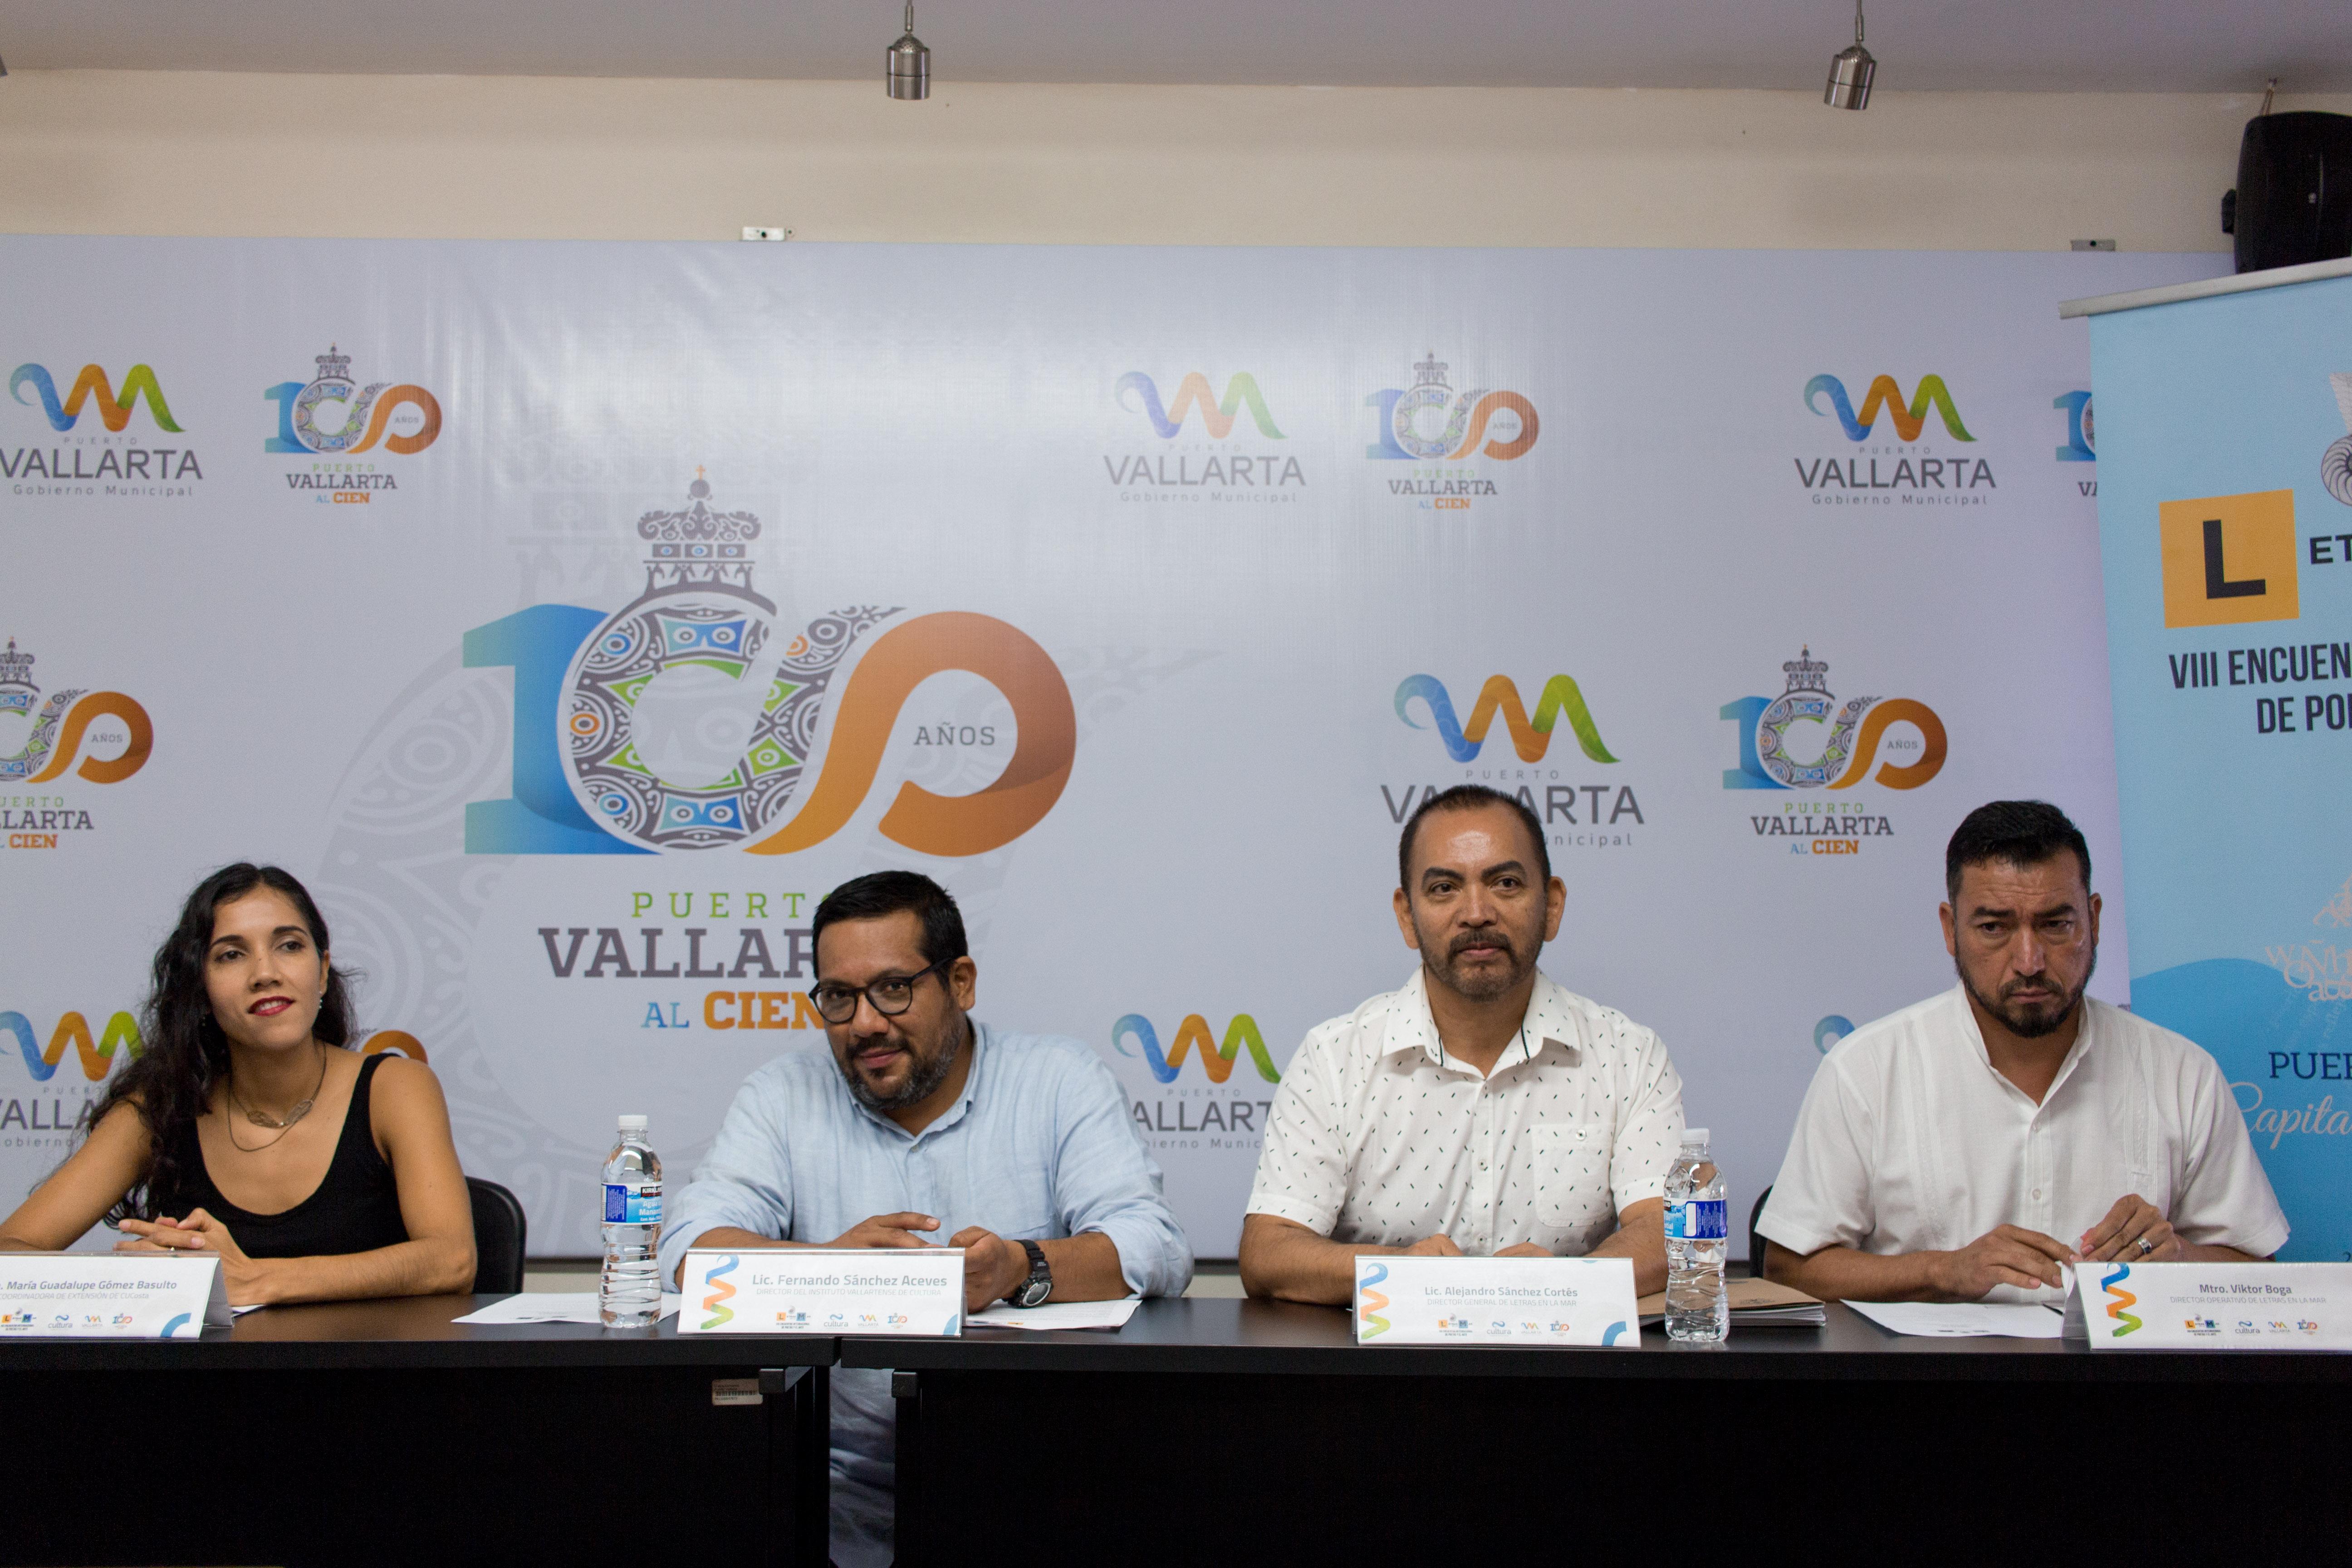 Puerto Vallarta es el invitado de honor con motivo de la conmemoración de su centenario